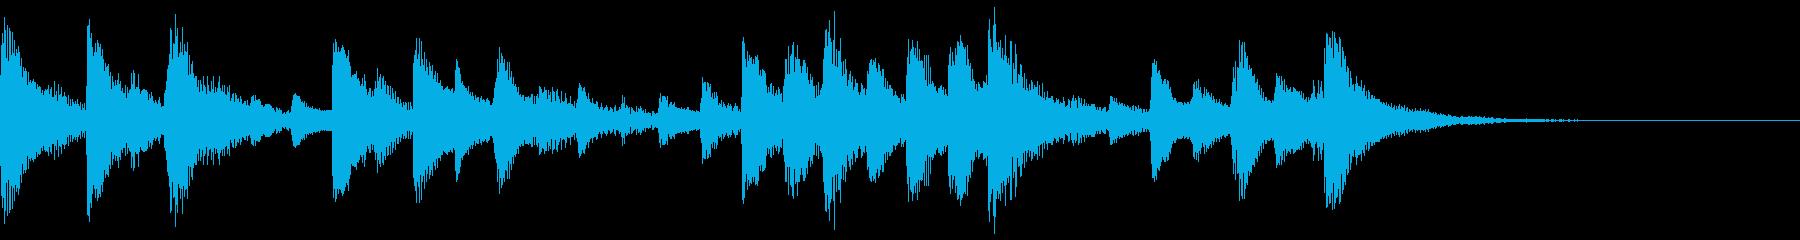 ハープによる優しいジングルの再生済みの波形